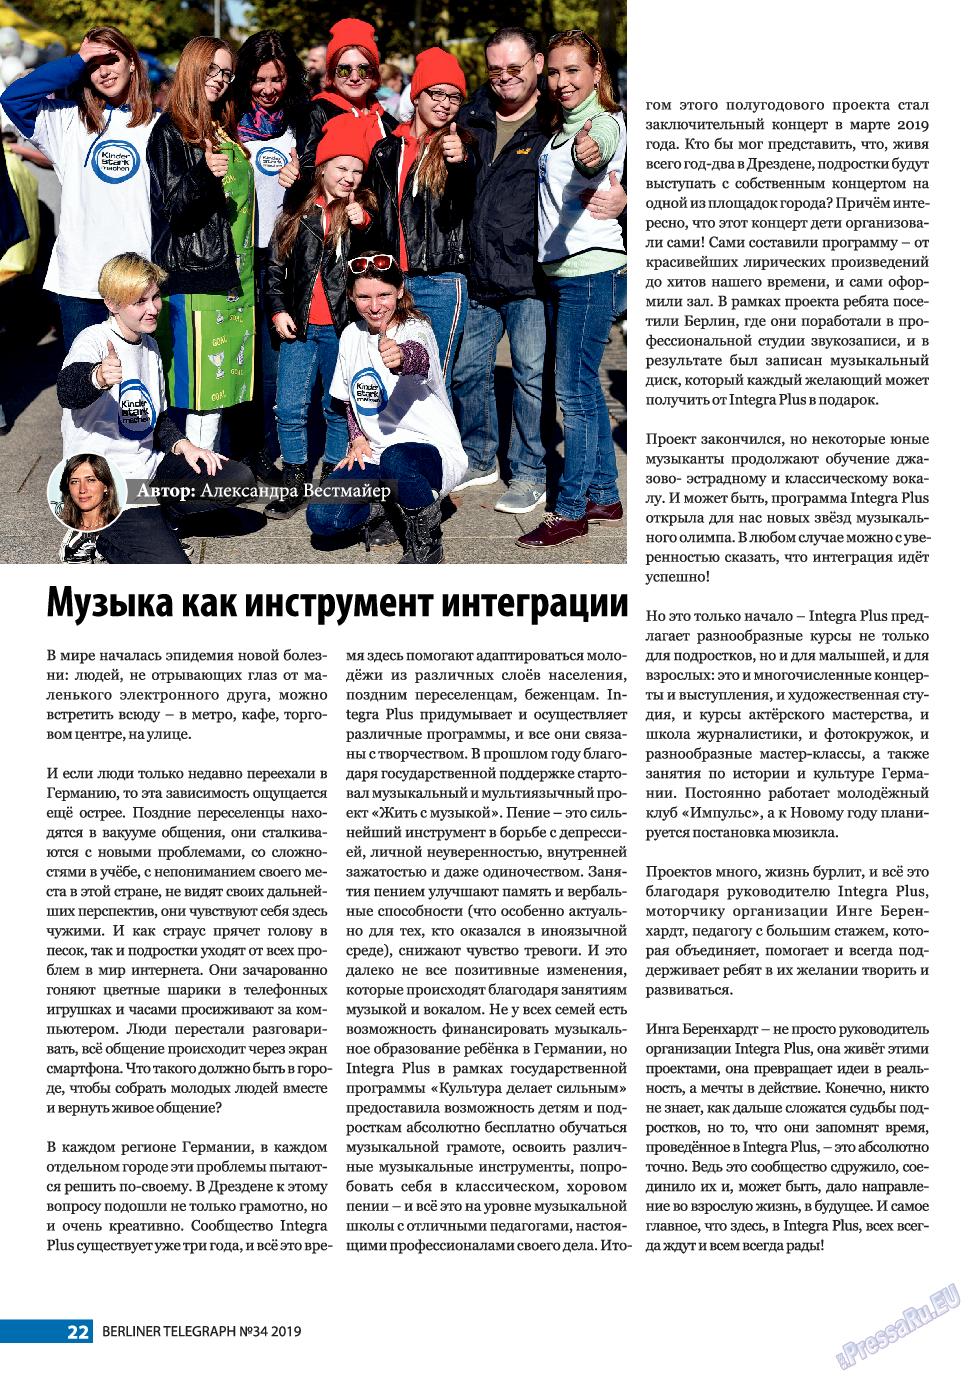 Берлинский телеграф (журнал). 2019 год, номер 34, стр. 22